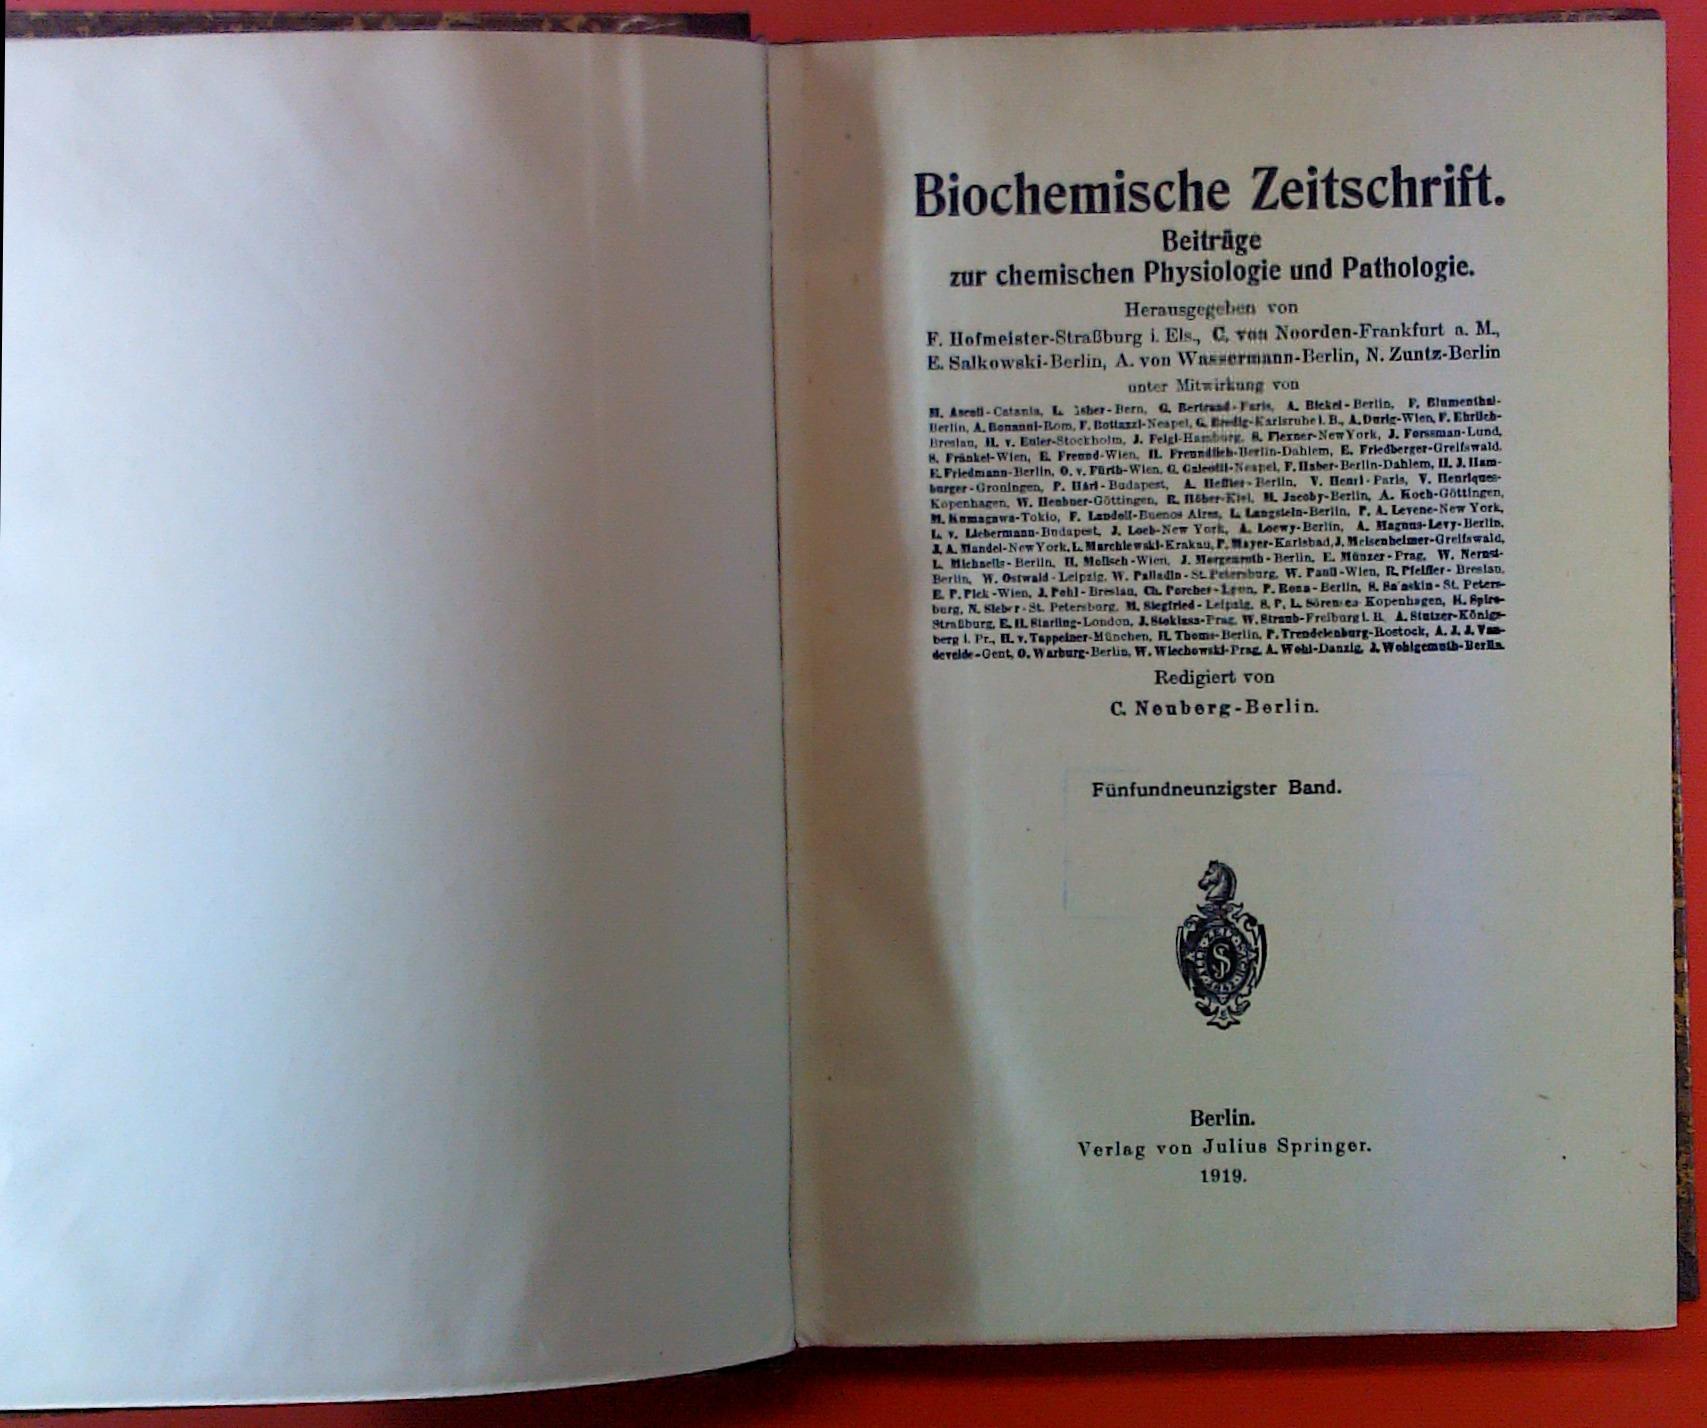 Biochemische Zeitschrift. Beiträge zur chemischen Physiologie und: Hrsg. F. Hofmeister,